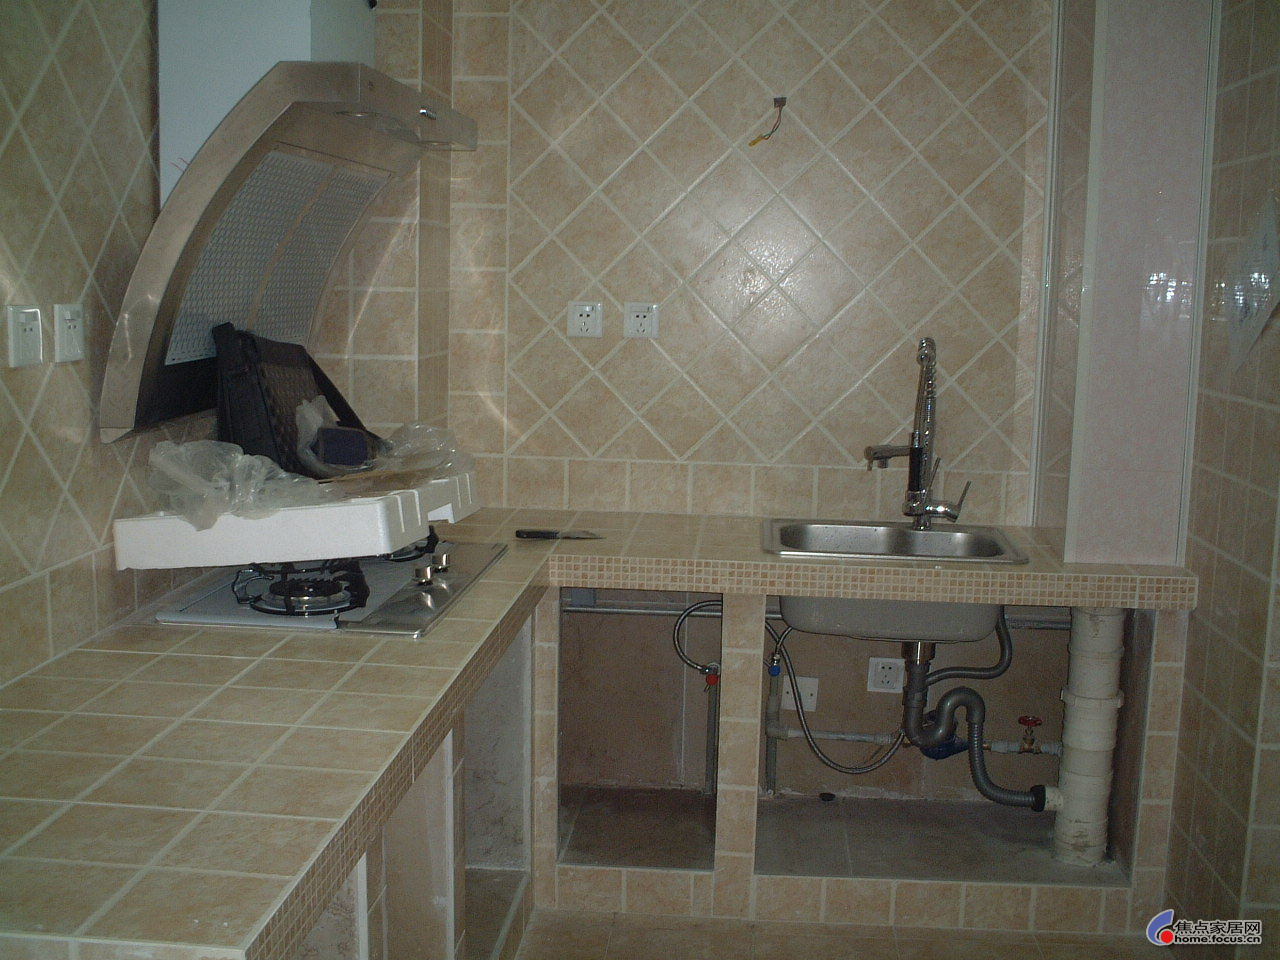 小熊家水泥厨柜学习中 - 黑海白浪 - 黑海白浪的博客